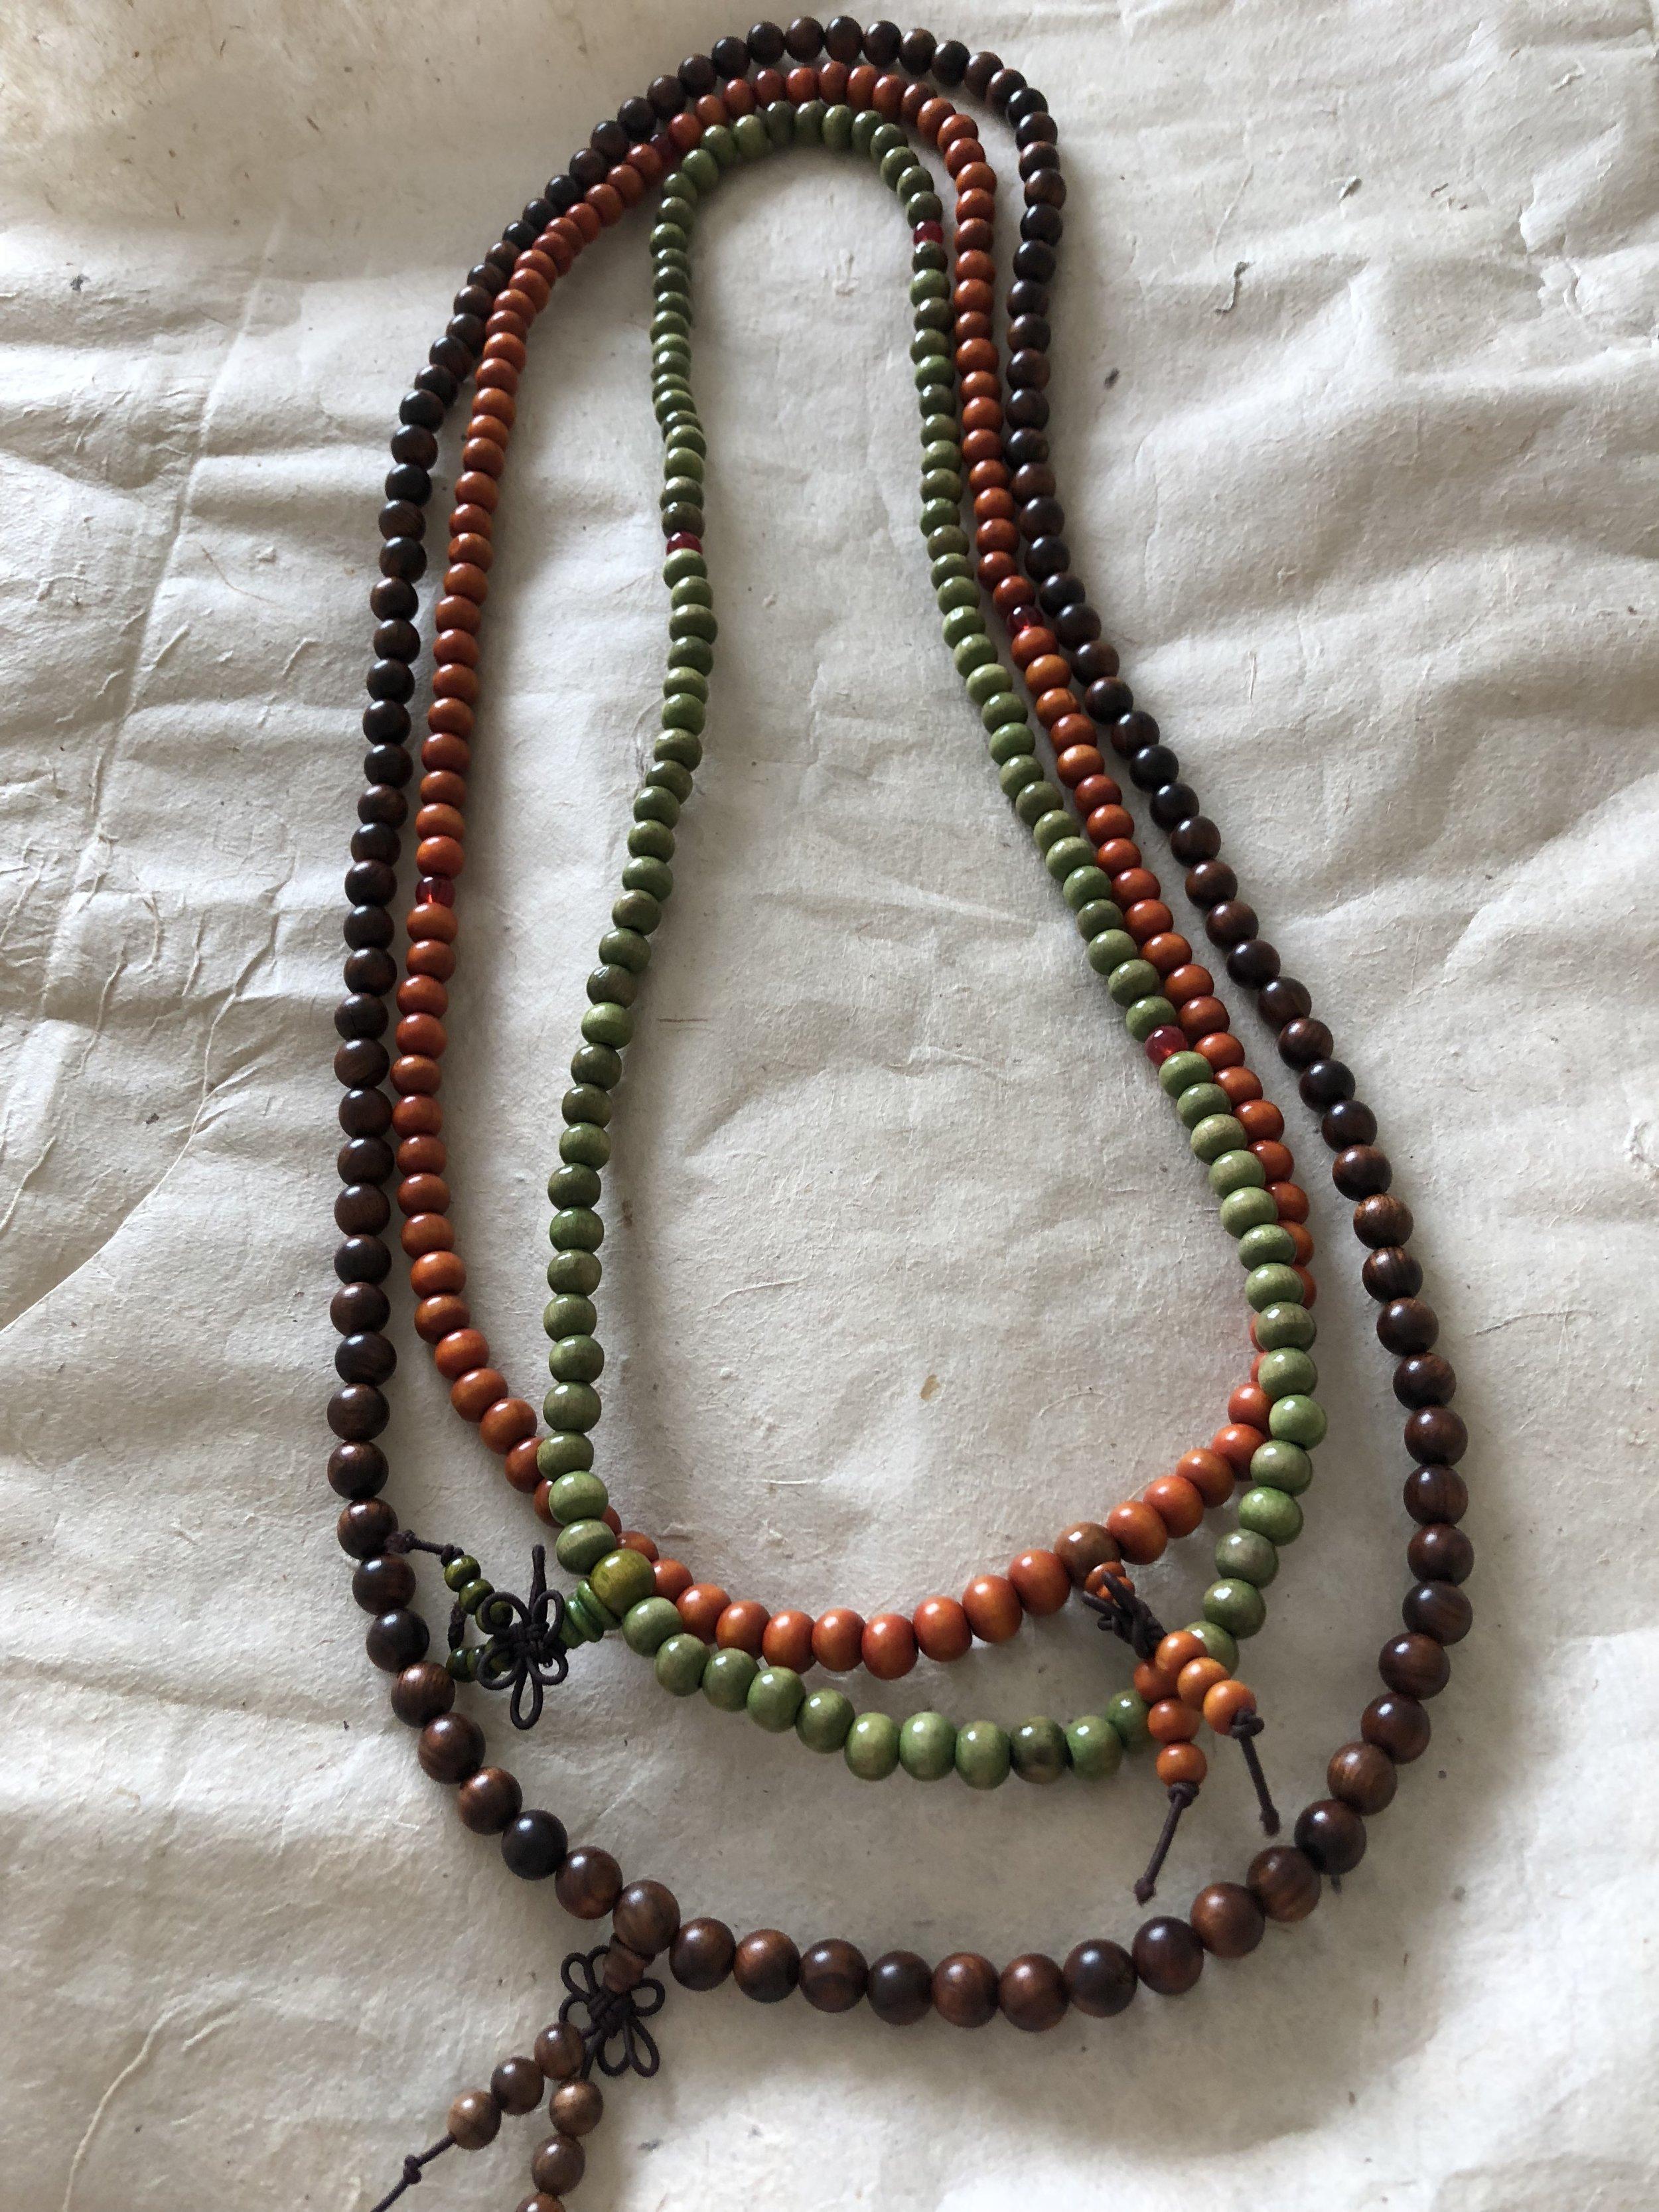 Wood Mala Prayer Beads